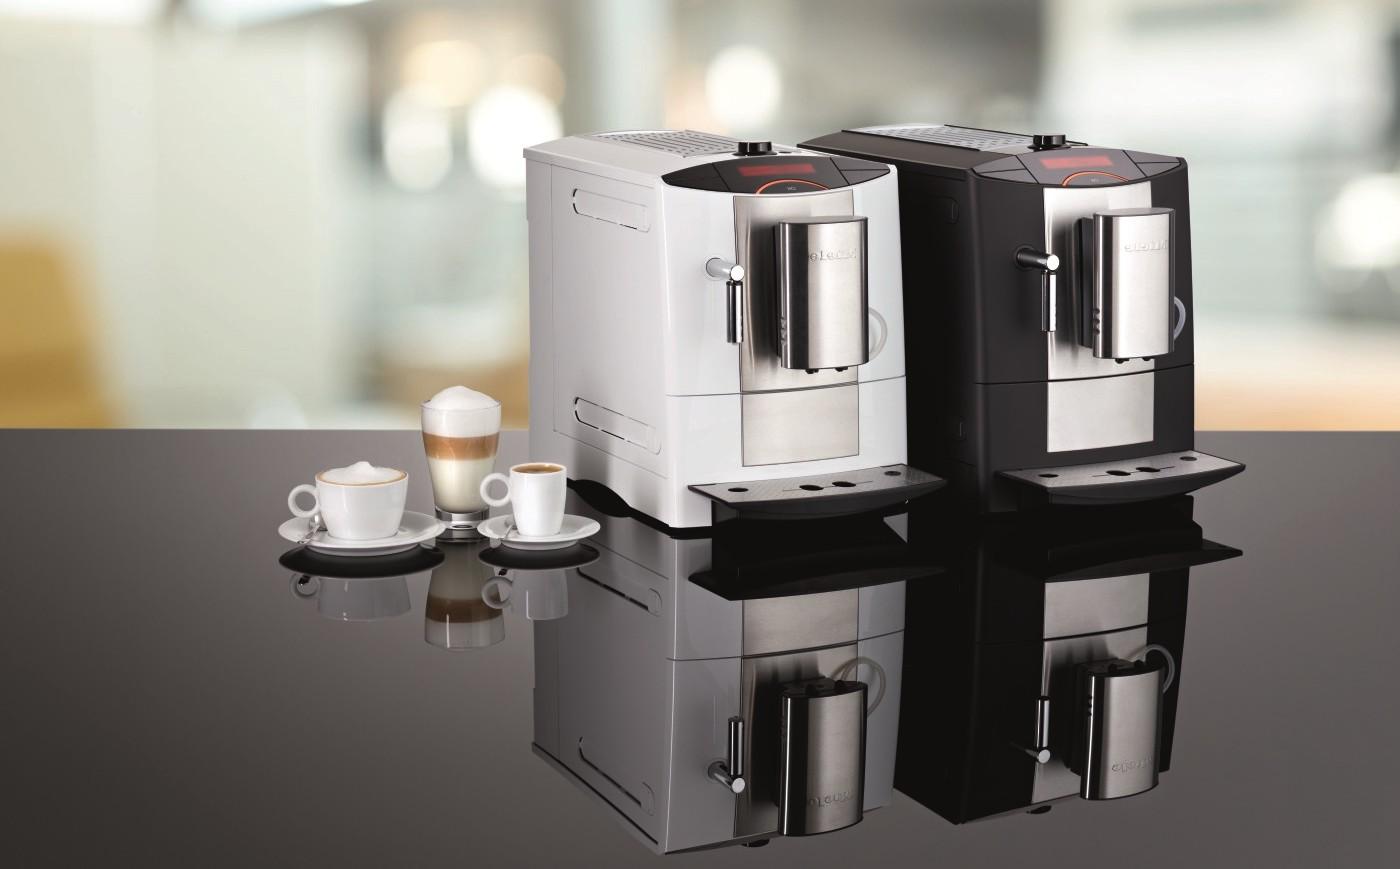 кофемашины для дома - Кофемашина - ваш личный бариста!